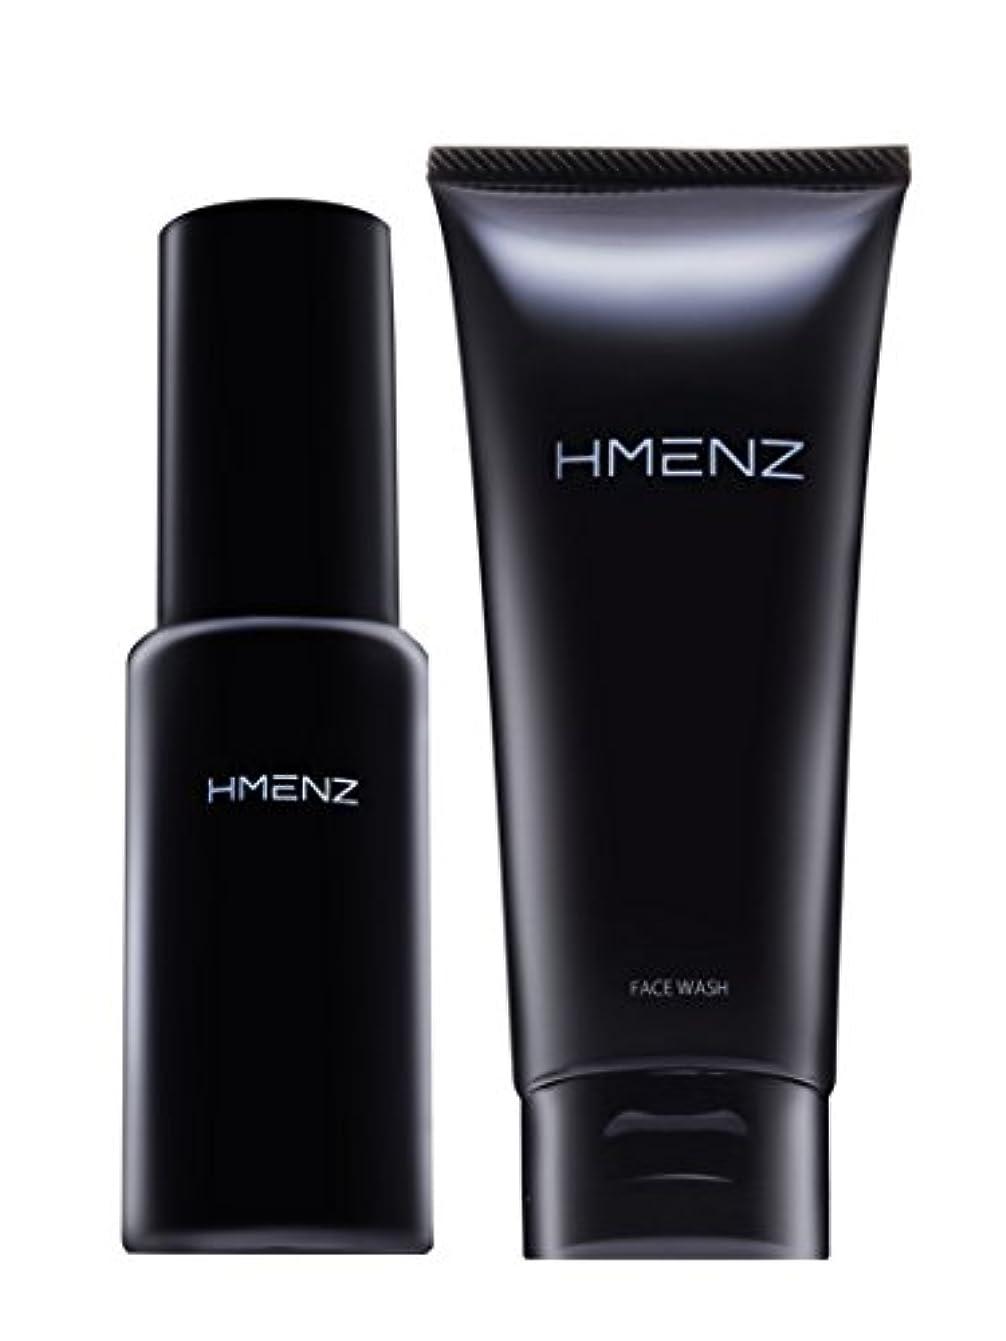 ソーシャル思春期インカ帝国医薬部外品【 スキンケア セット 】HMENZ メンズ 洗顔 & 美容液 乾燥肌 対策 保湿 (無添加 シミ対策 ニキビ対策 エイジングケア) 洗顔 オールインワン ジェル 100g&50ml